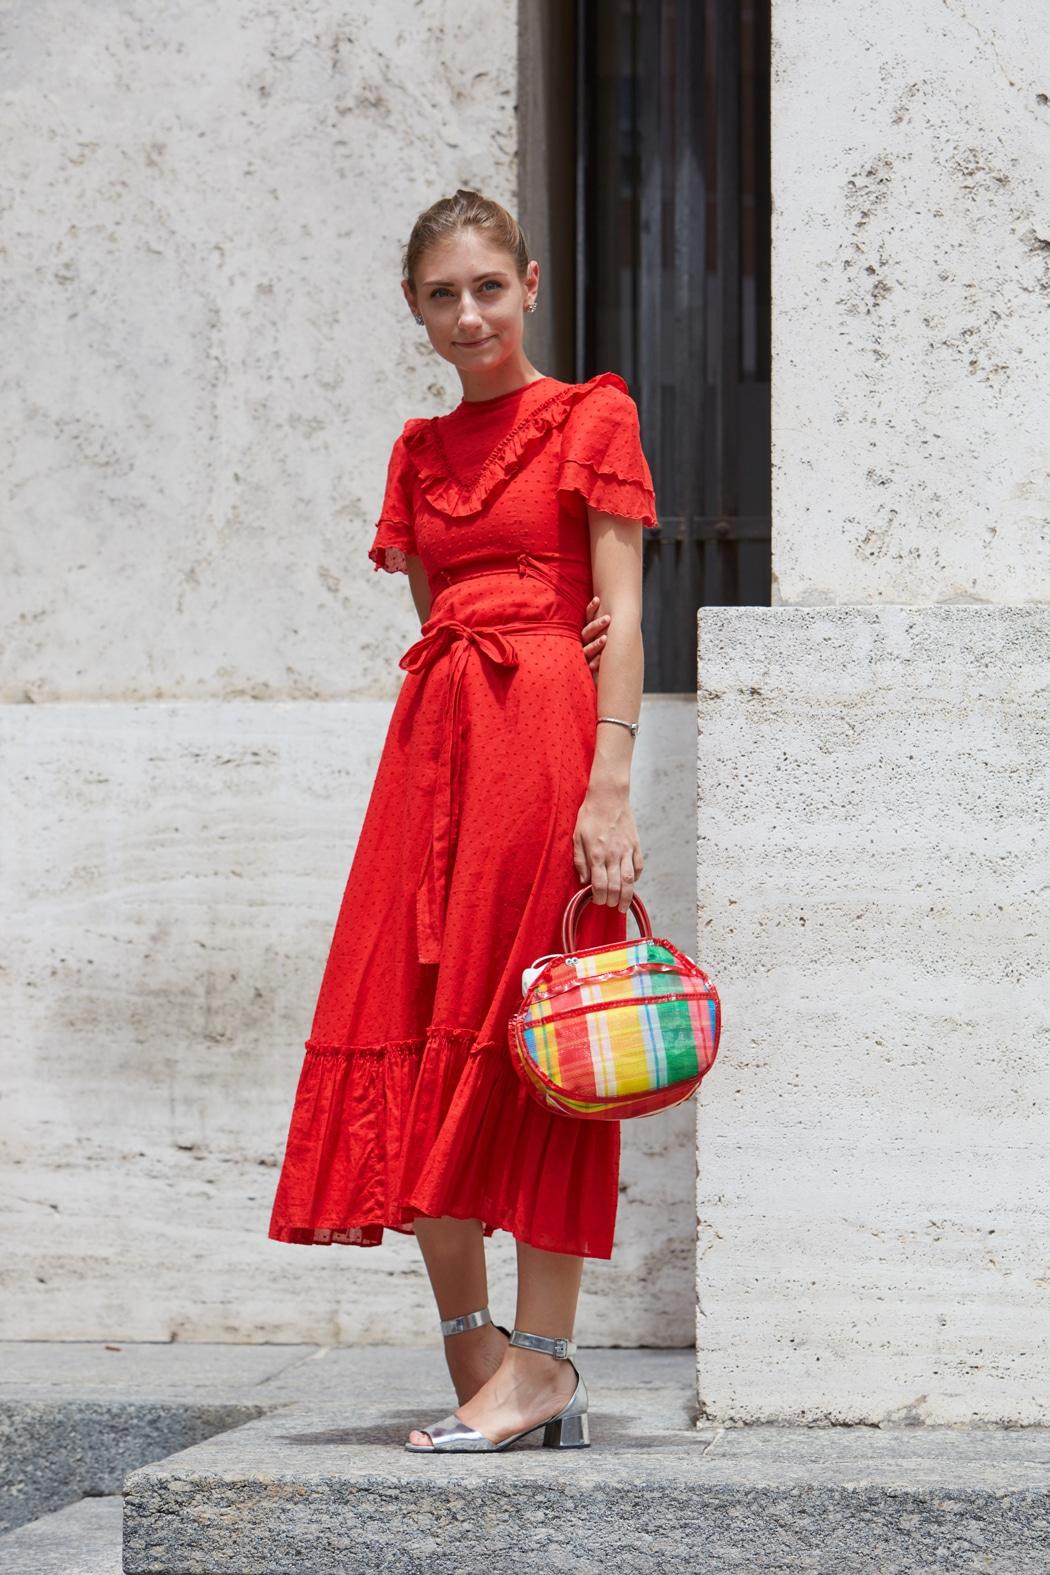 comment porter la robe rouge